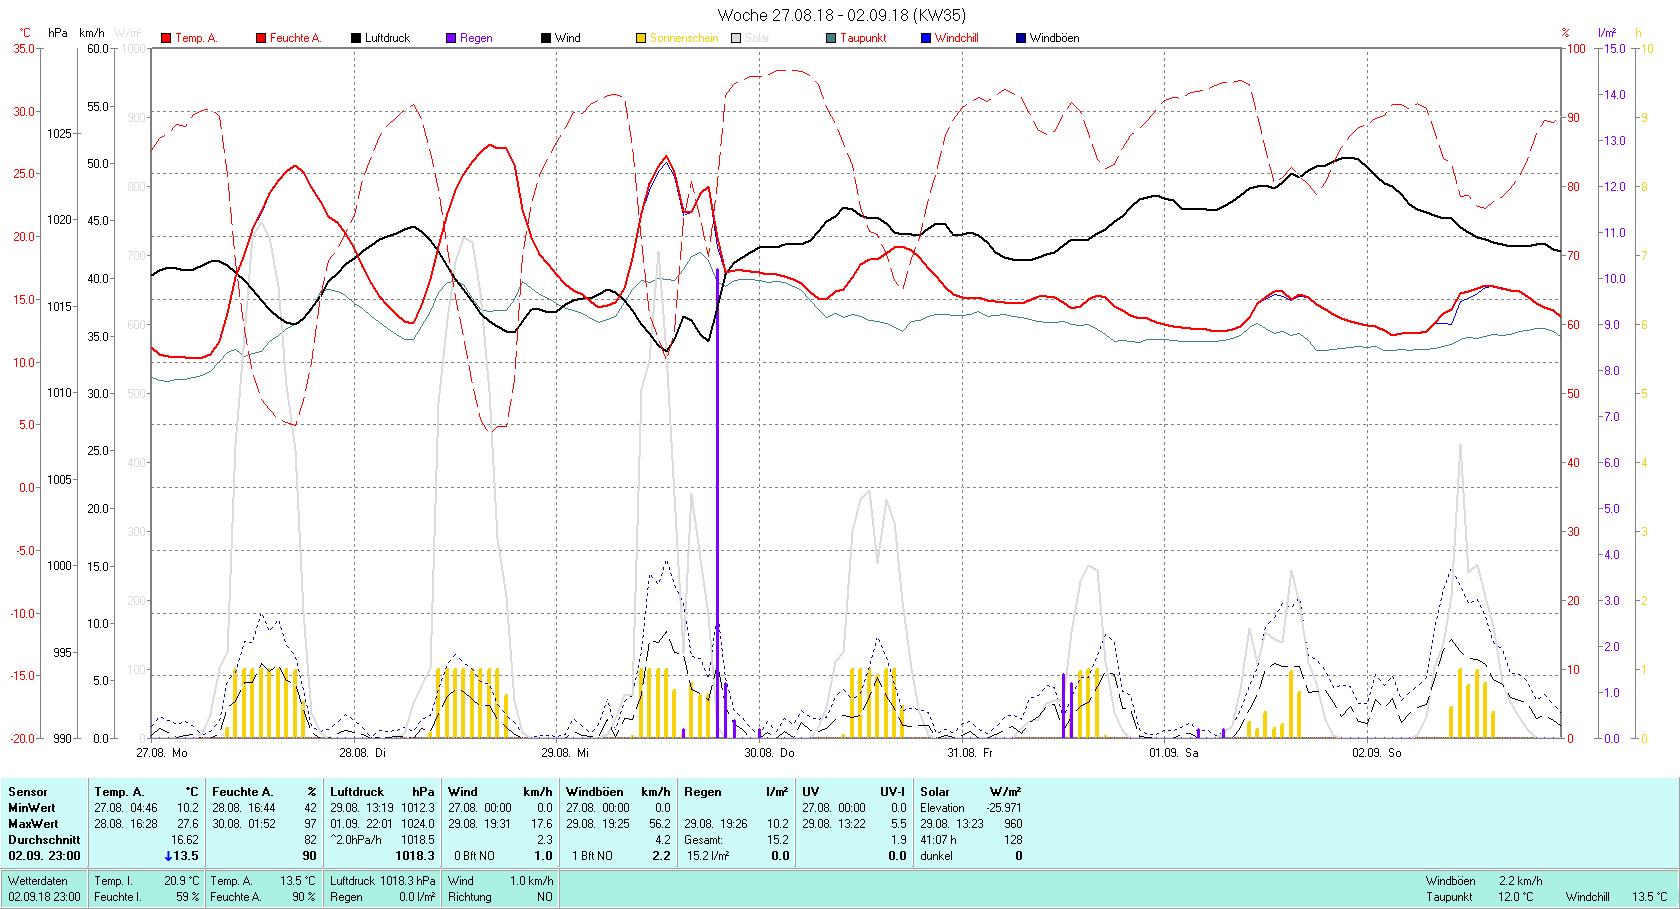 KW 35 Tmin 10.2°C, Tmax 27.6°C, Sonne 41:07 h Niederschlag 15.2 mm2